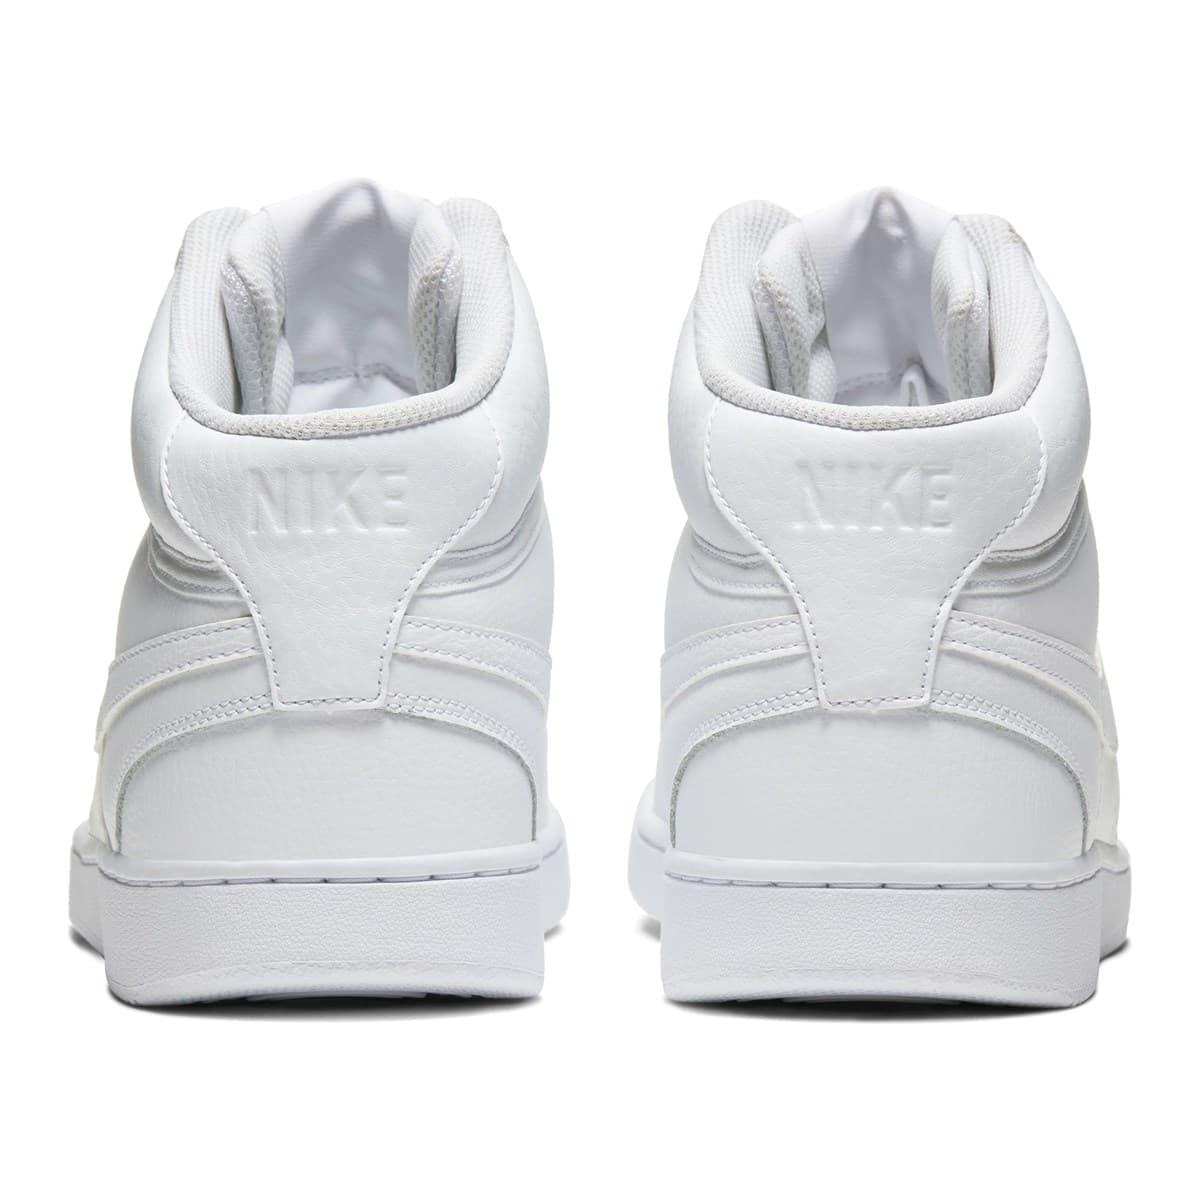 Court Vision Beyaz Uzun Koşu Ayakkabısı